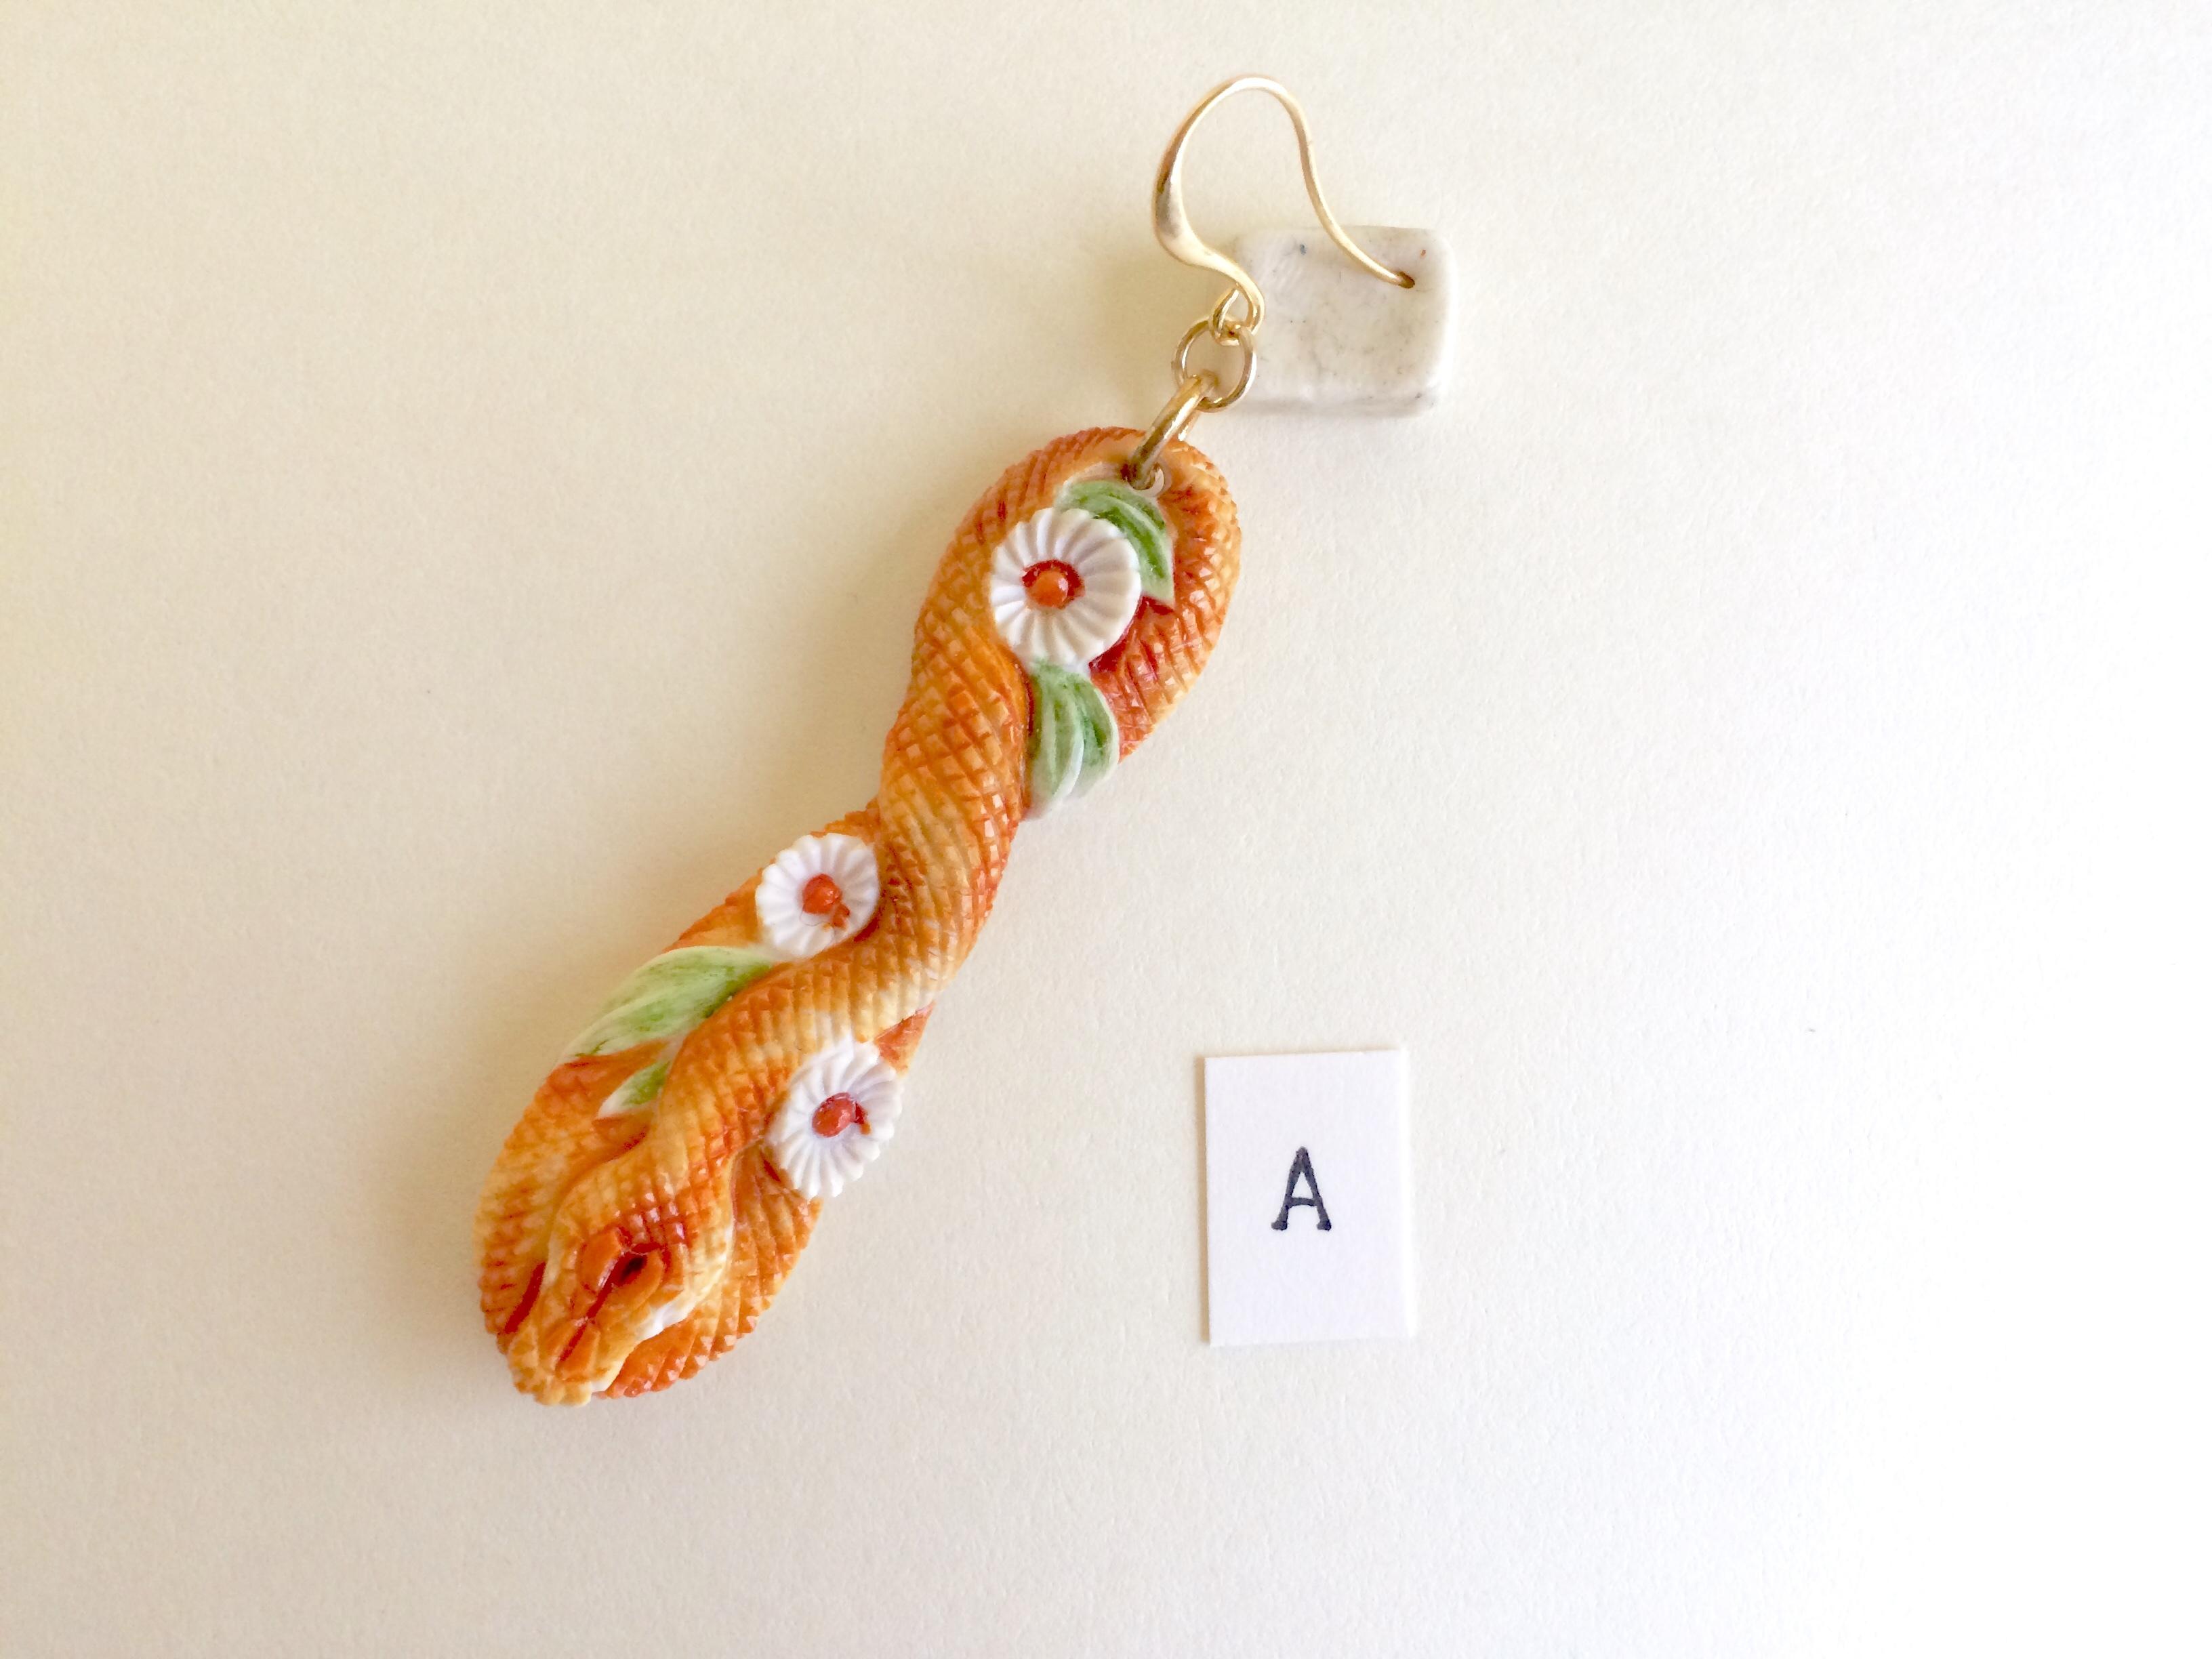 鹿角彫刻のピアス(蛇と菊 着彩)